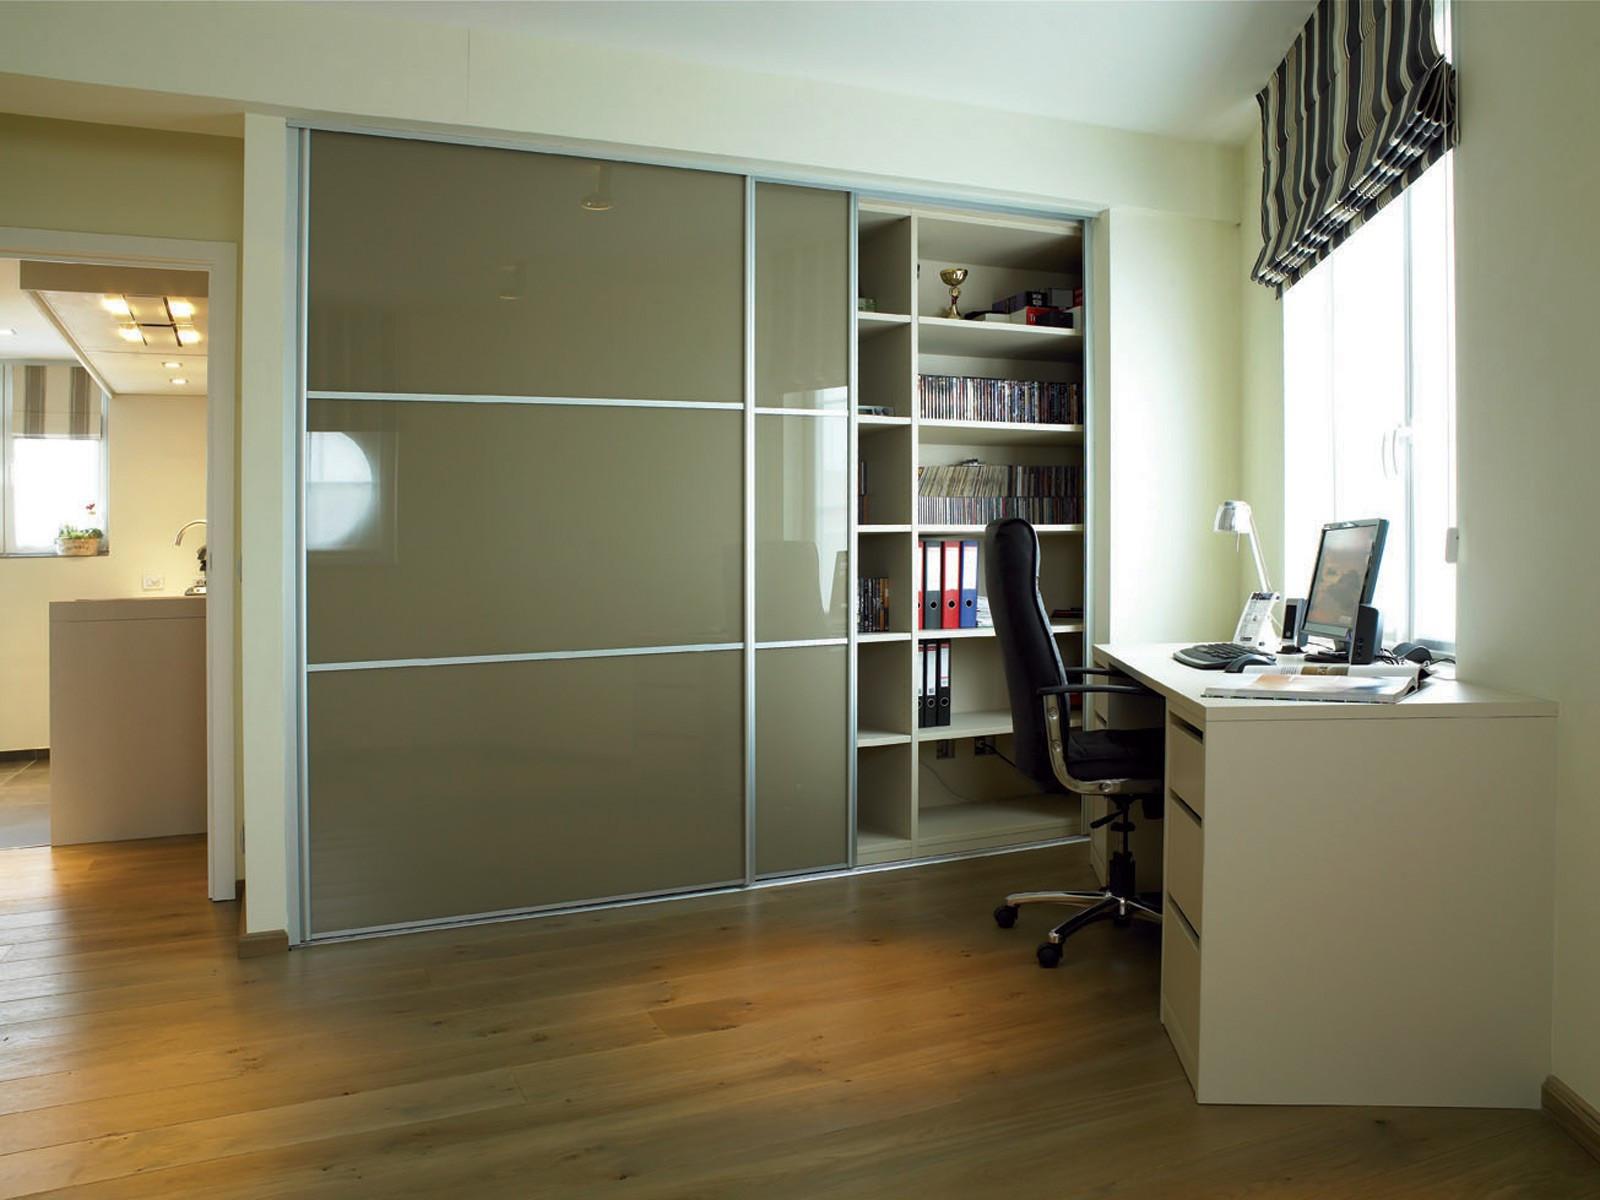 #966E35 Indogate.com Placard Chambre Sur Mesure 1161 armoires portes coulissantes sur mesure 1600x1200 px @ aertt.com